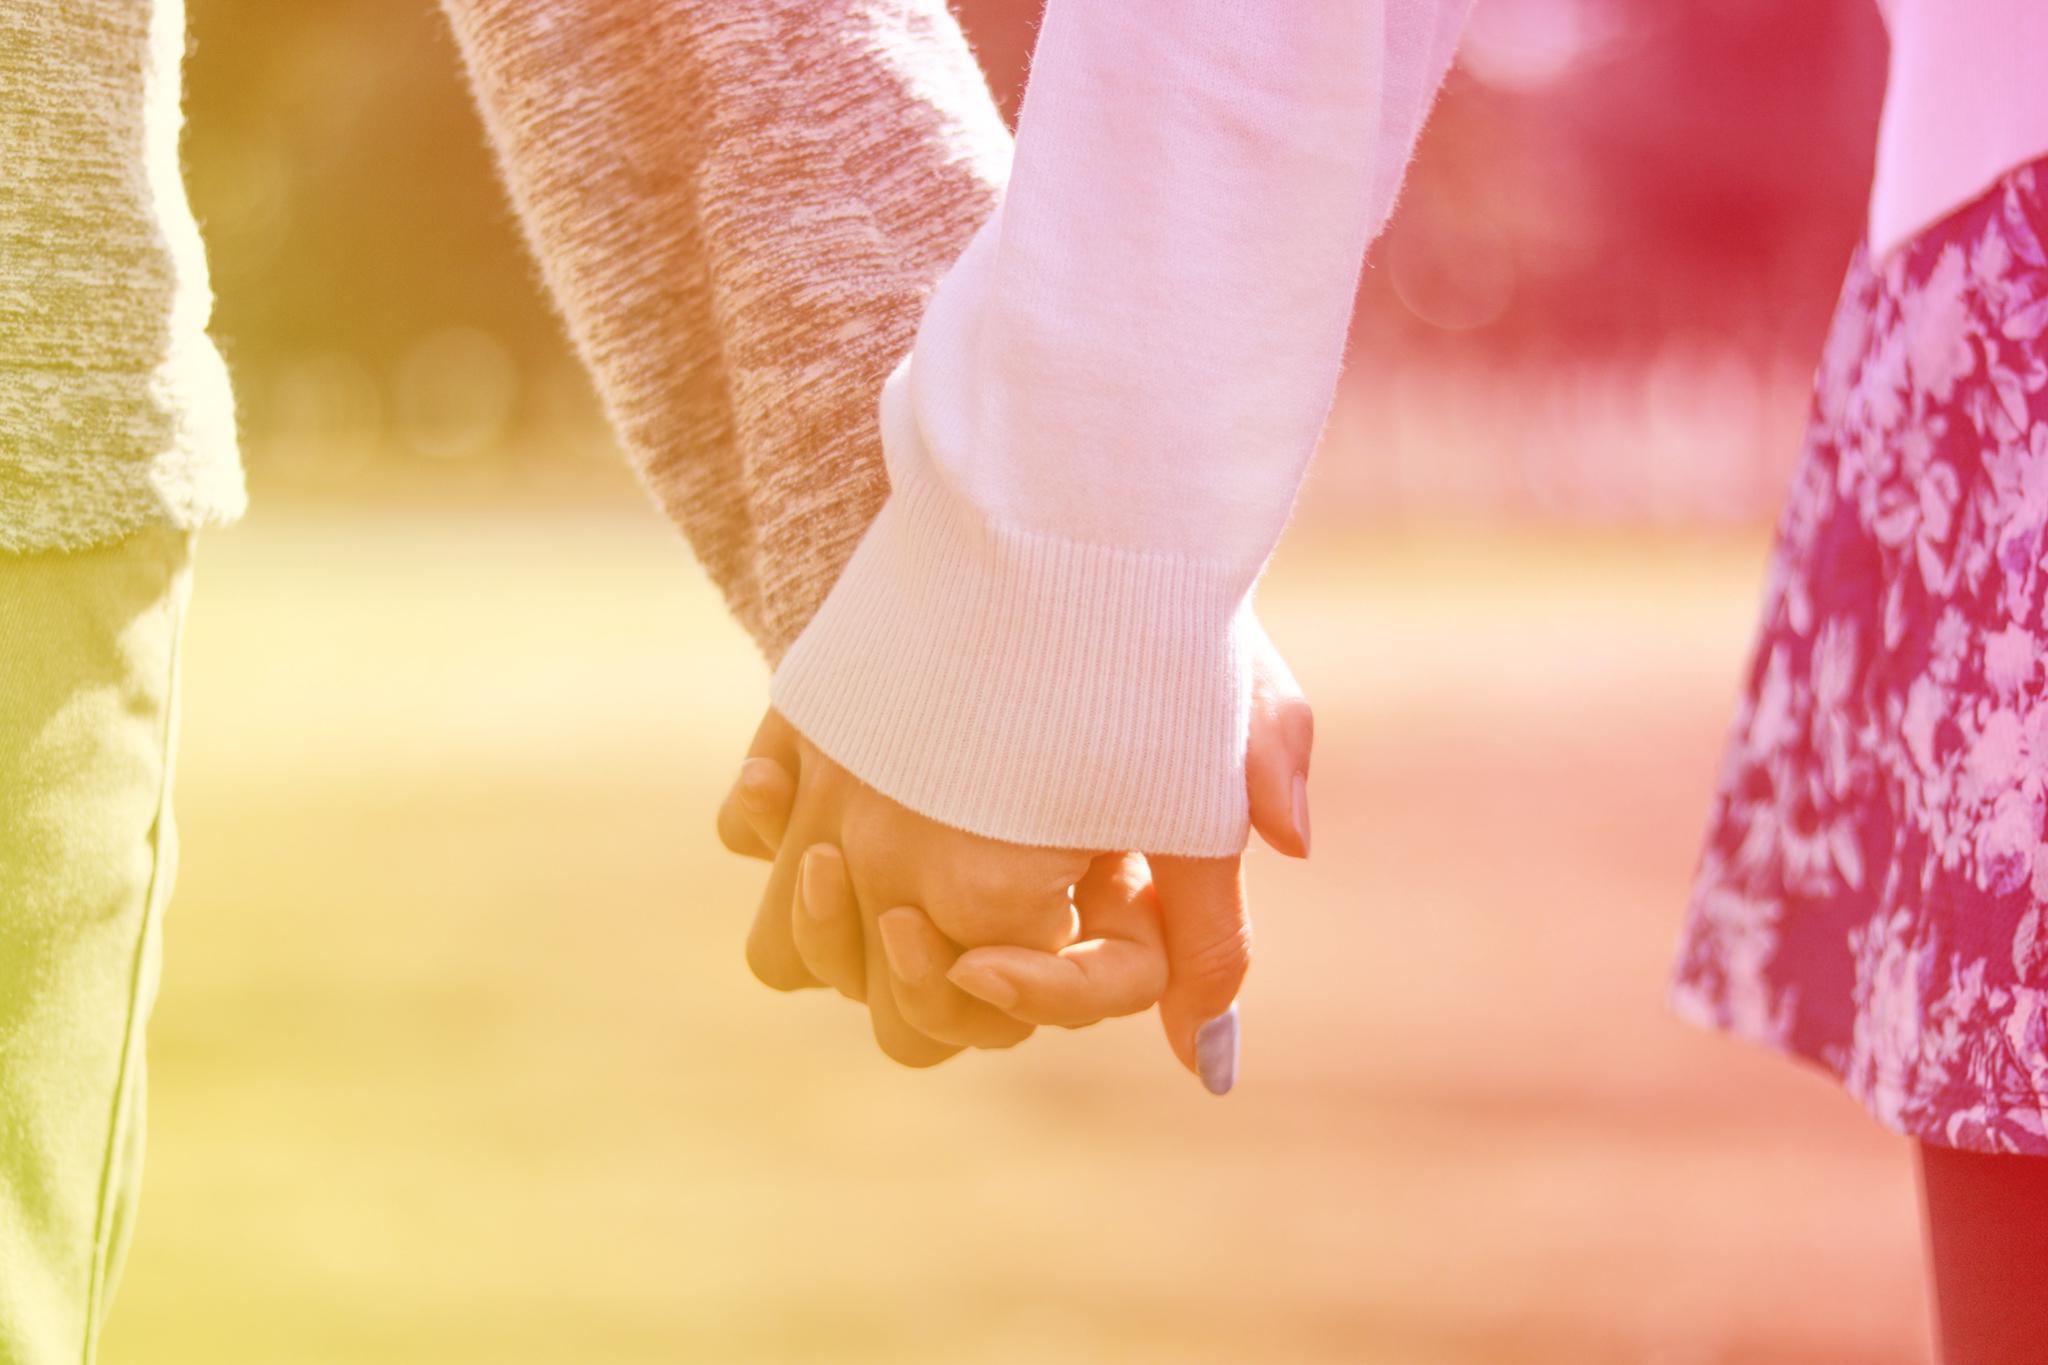 おわりに|夢の診断結果を生活や恋愛に活かそう♪